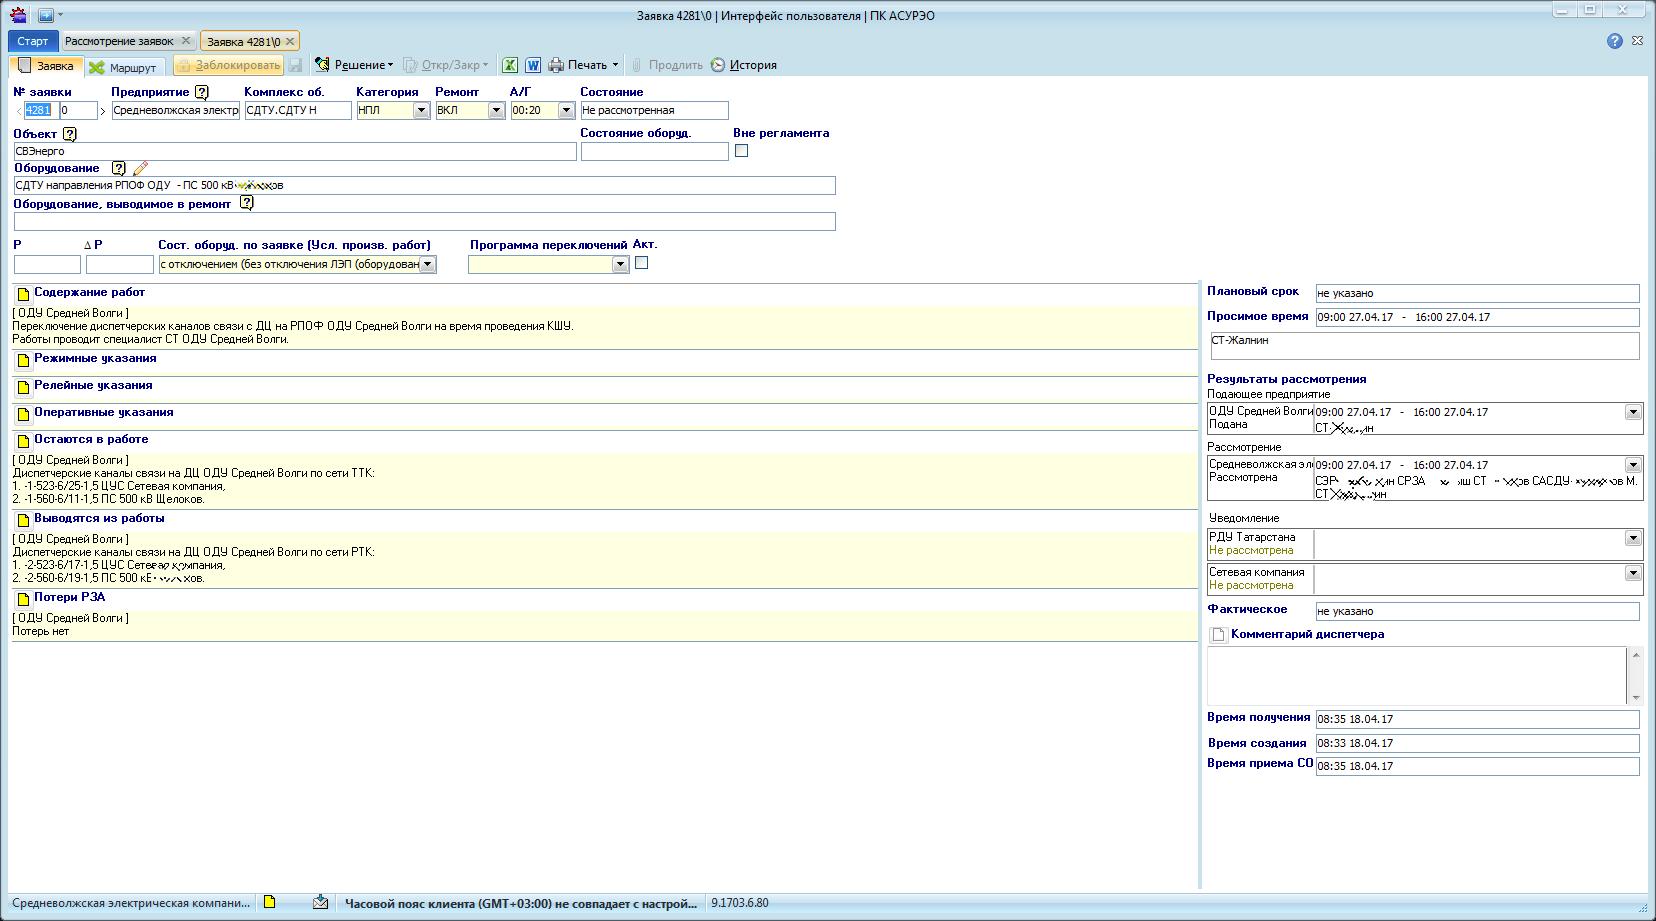 Создание заявки на ремонт в программном комплексе АСУРЭО